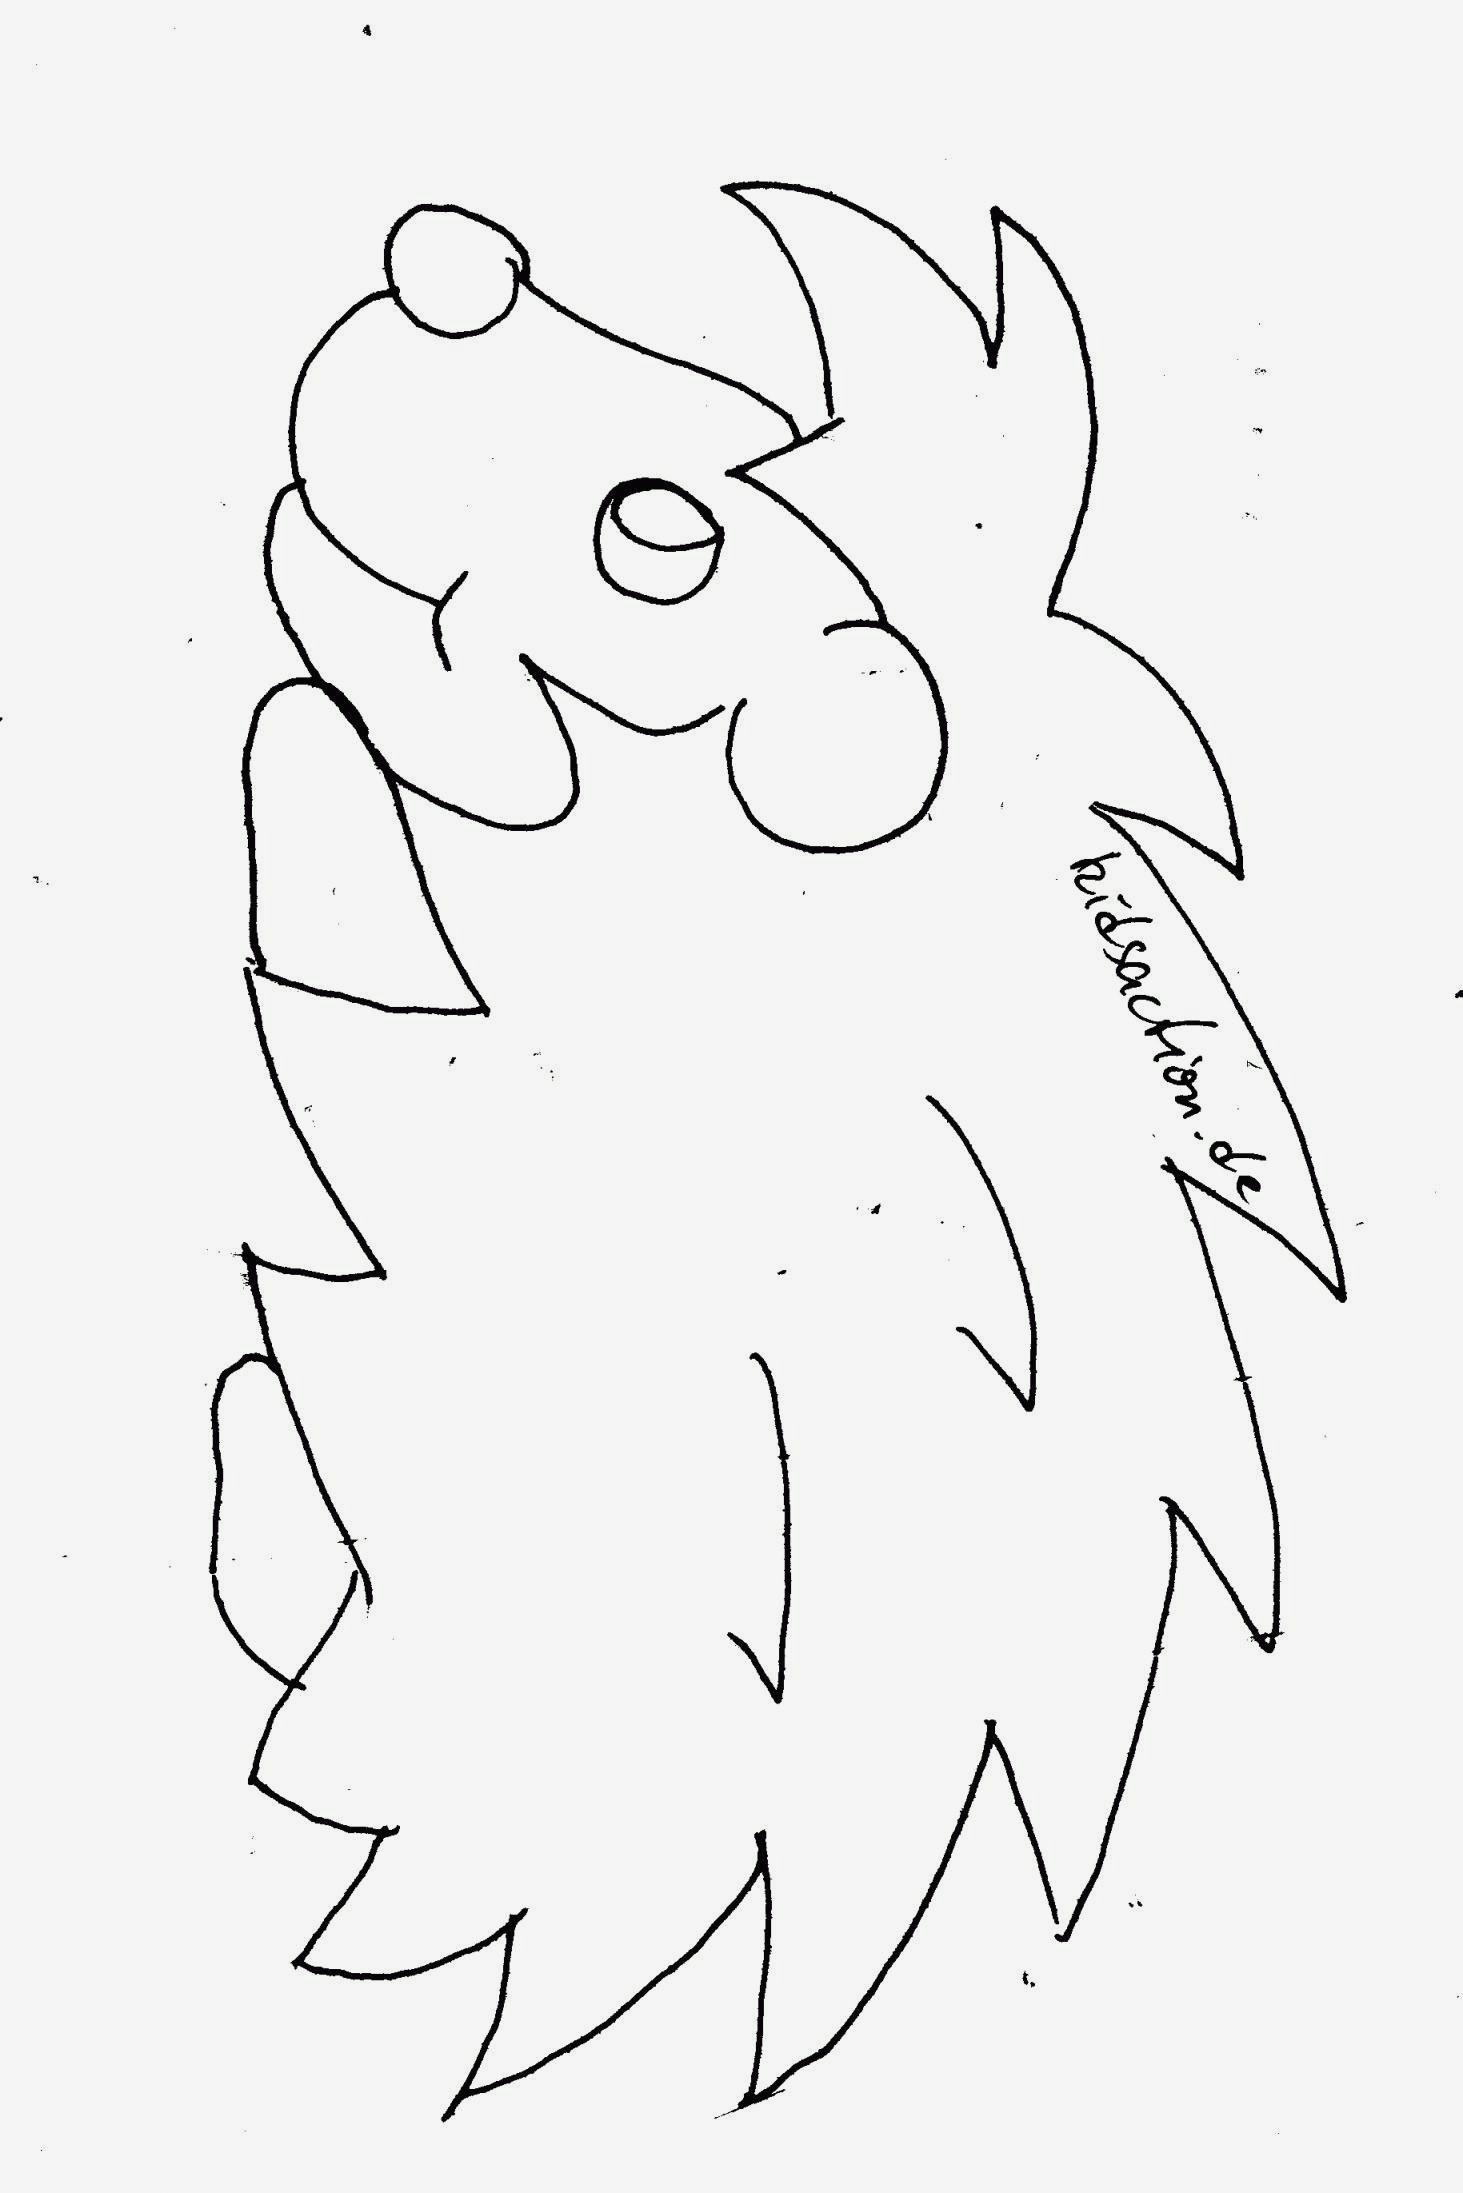 Pokemon Ausmalbilder sonne Und Mond Inspirierend Ausmalbilder Mandala Fledermaus Bildergalerie & Bilder Zum Ausmalen Stock